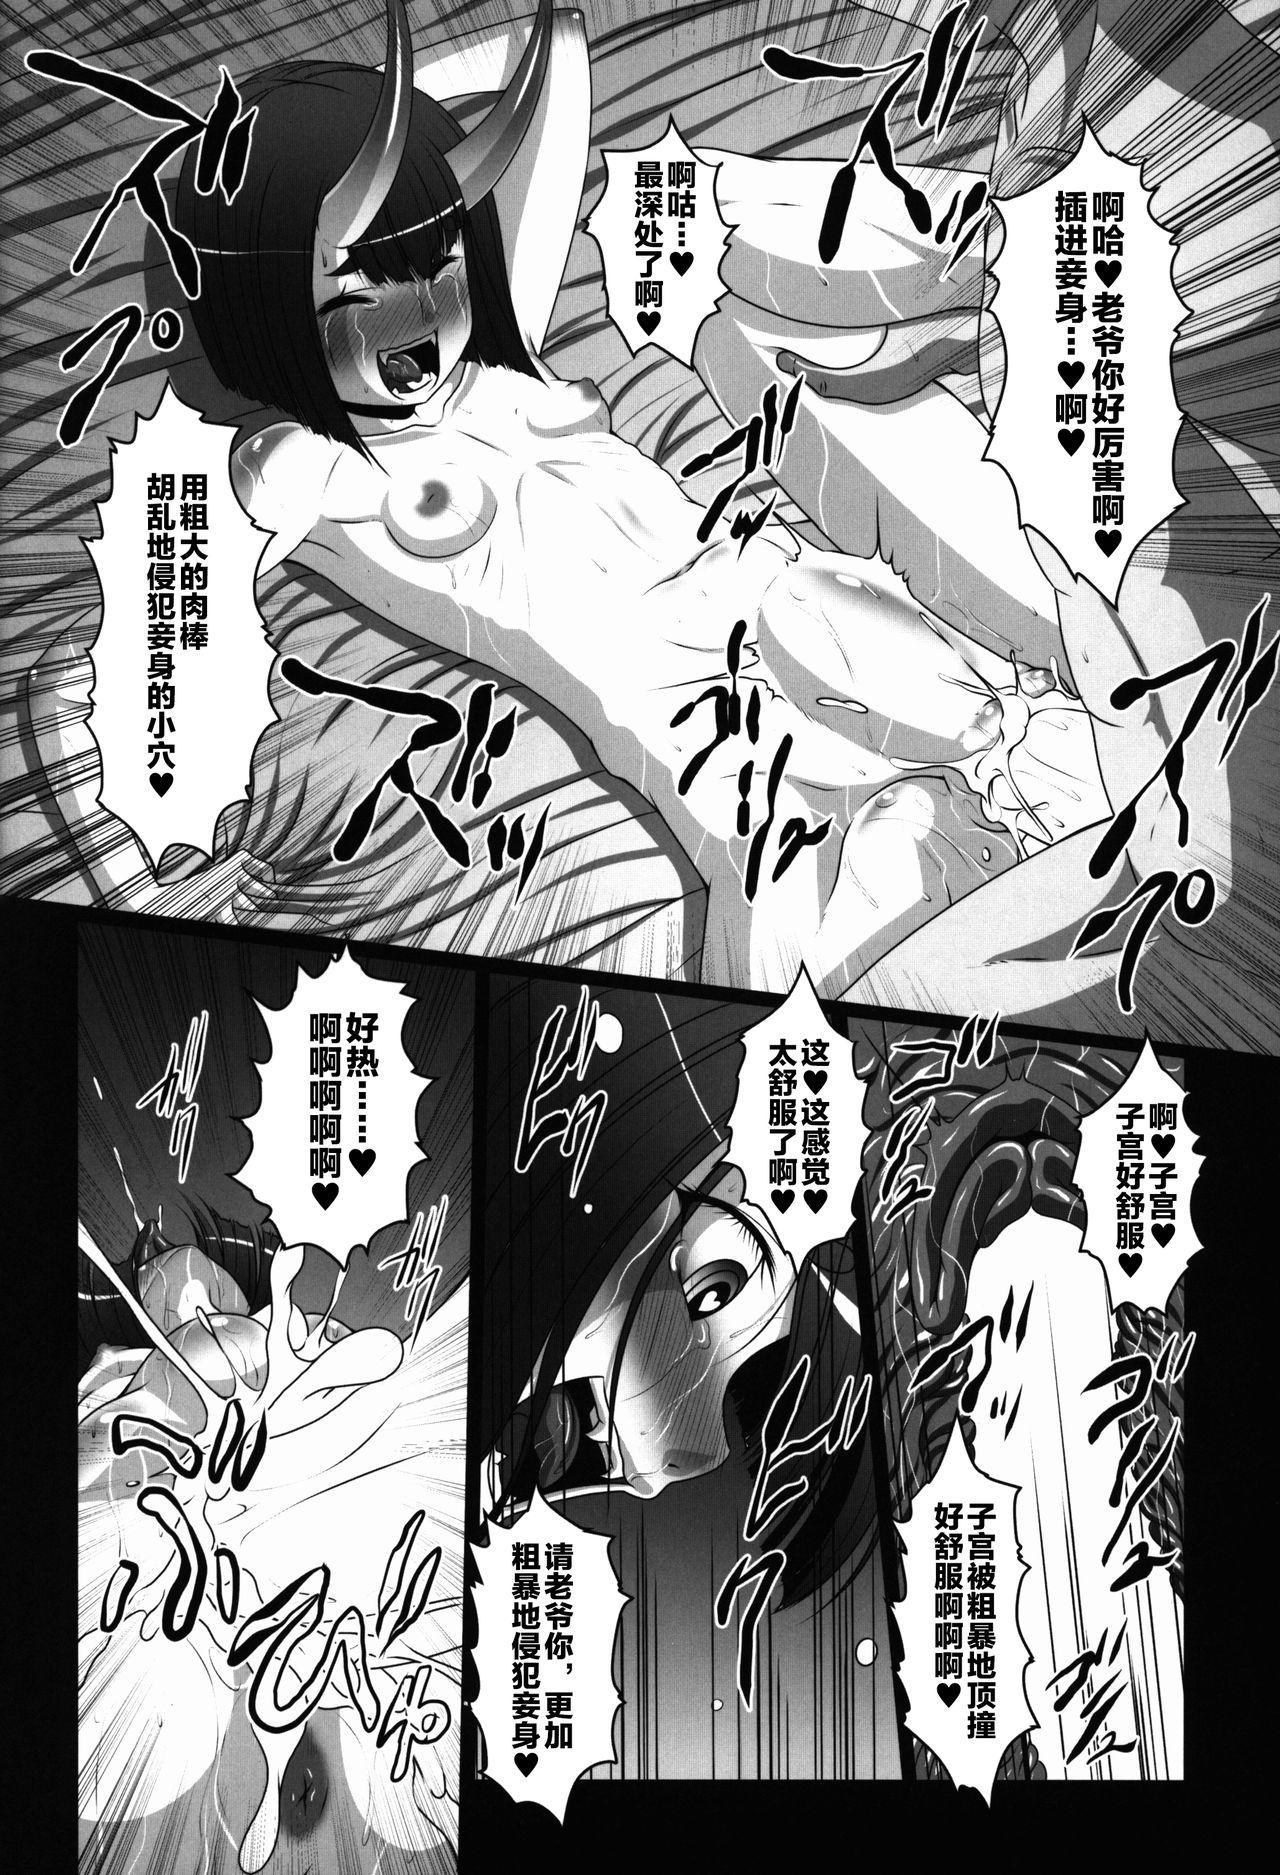 HOBBY'S BLOCK!! 26 Shuten DeliHeal Hon Shuten Yuujo Shunga Emaki 23